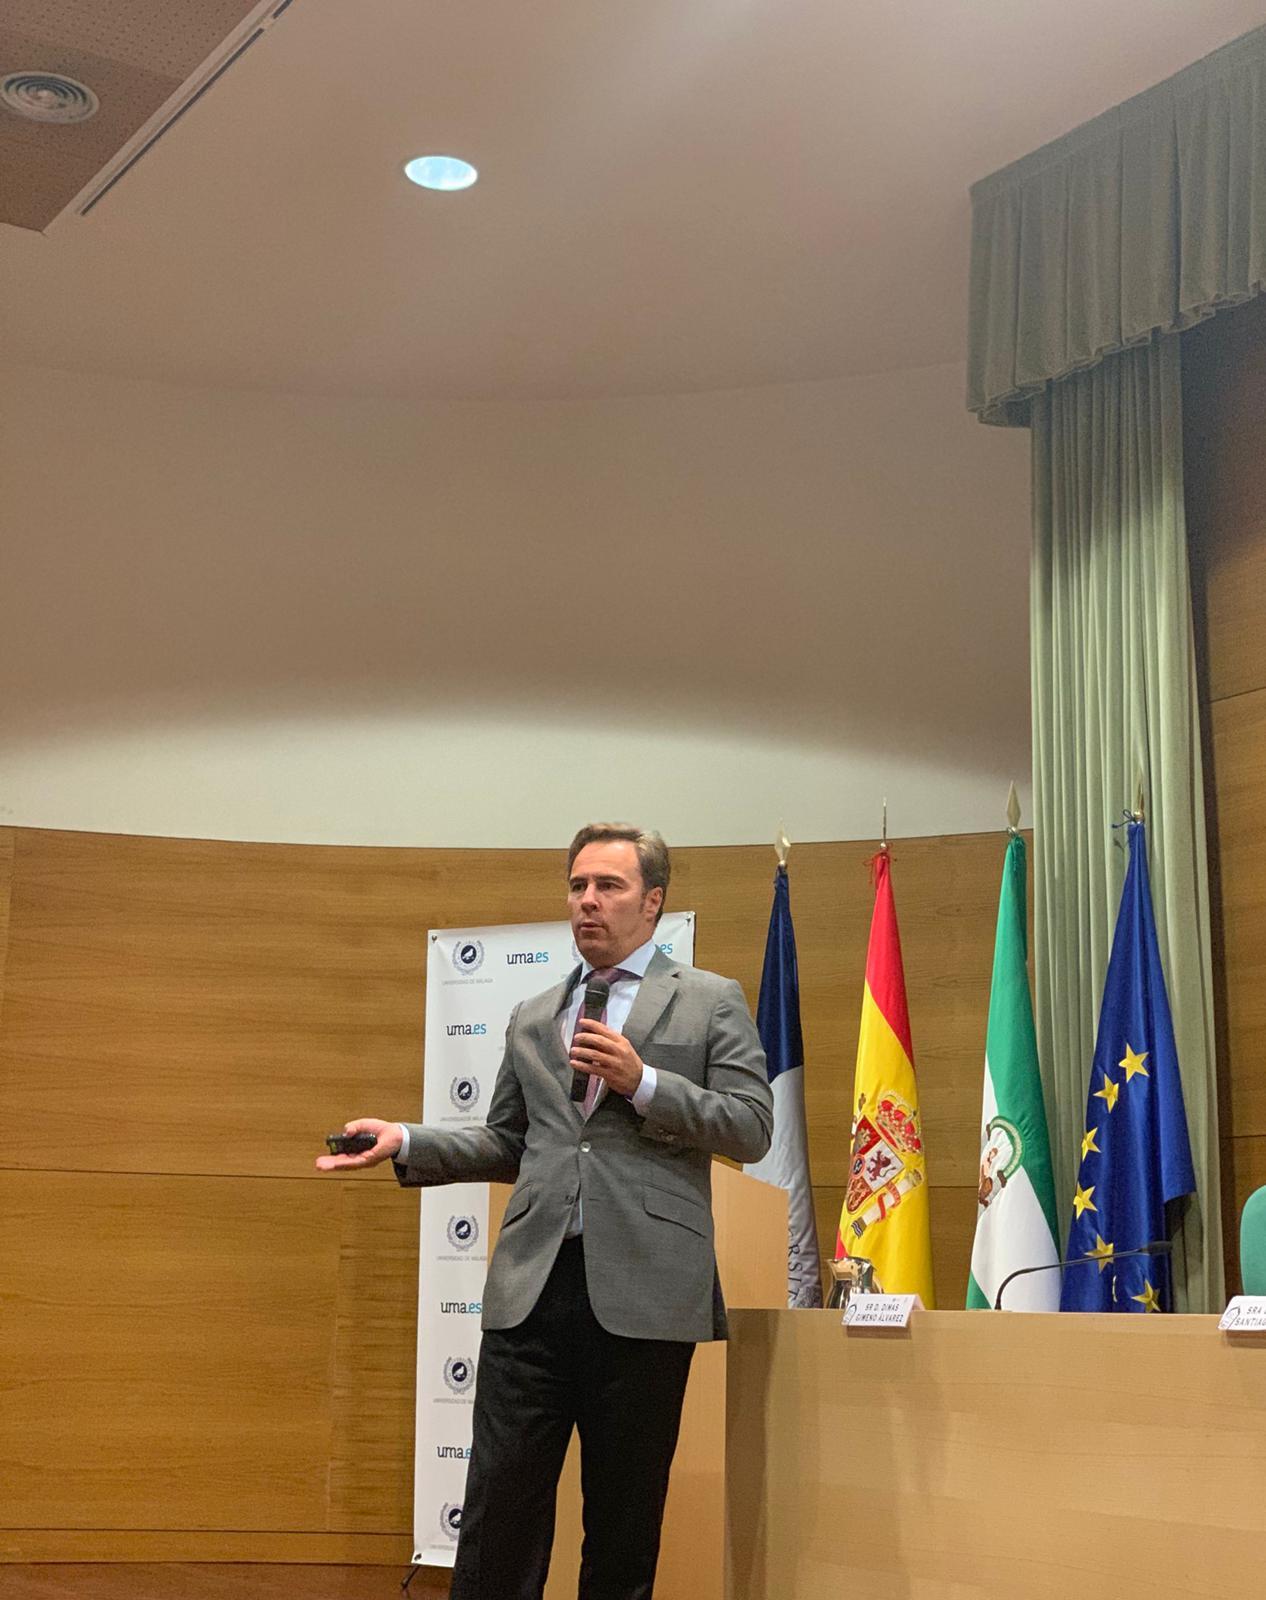 Dimas Gimeno imparte la conferencia de clausura del I Máster Propio Universitario en Retail Marketing de la Universidad de Málaga